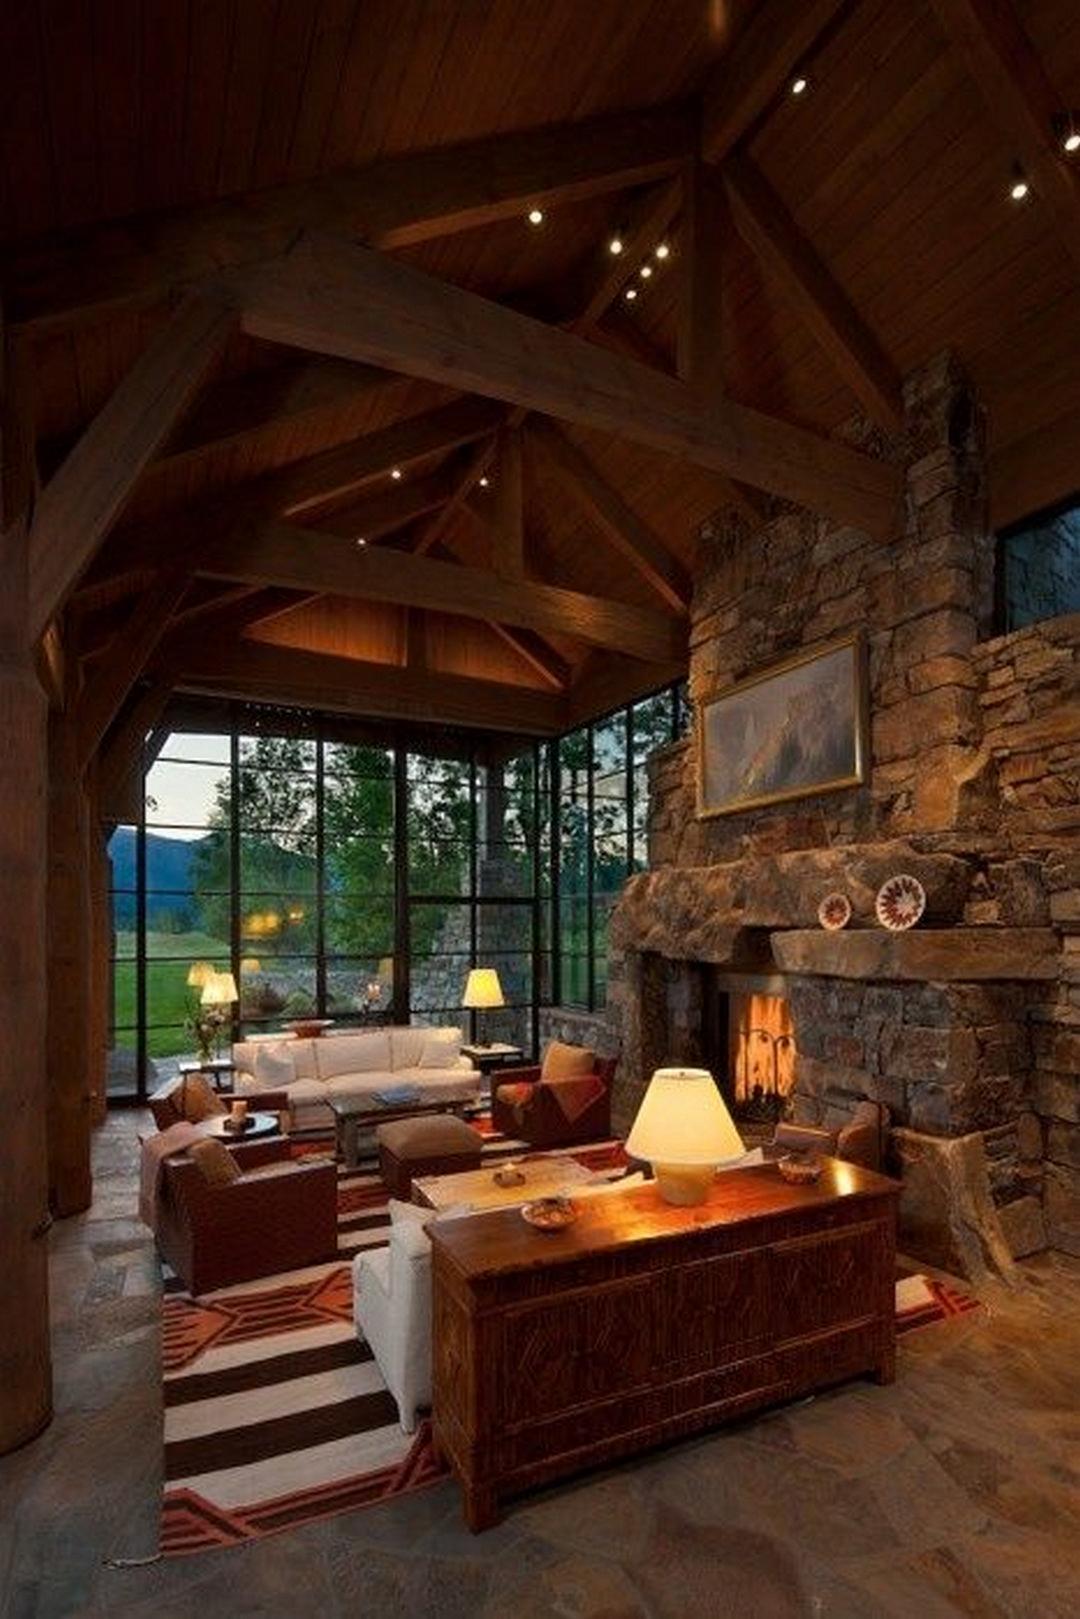 Rustic Cabin Interior Idea (10) Cabin